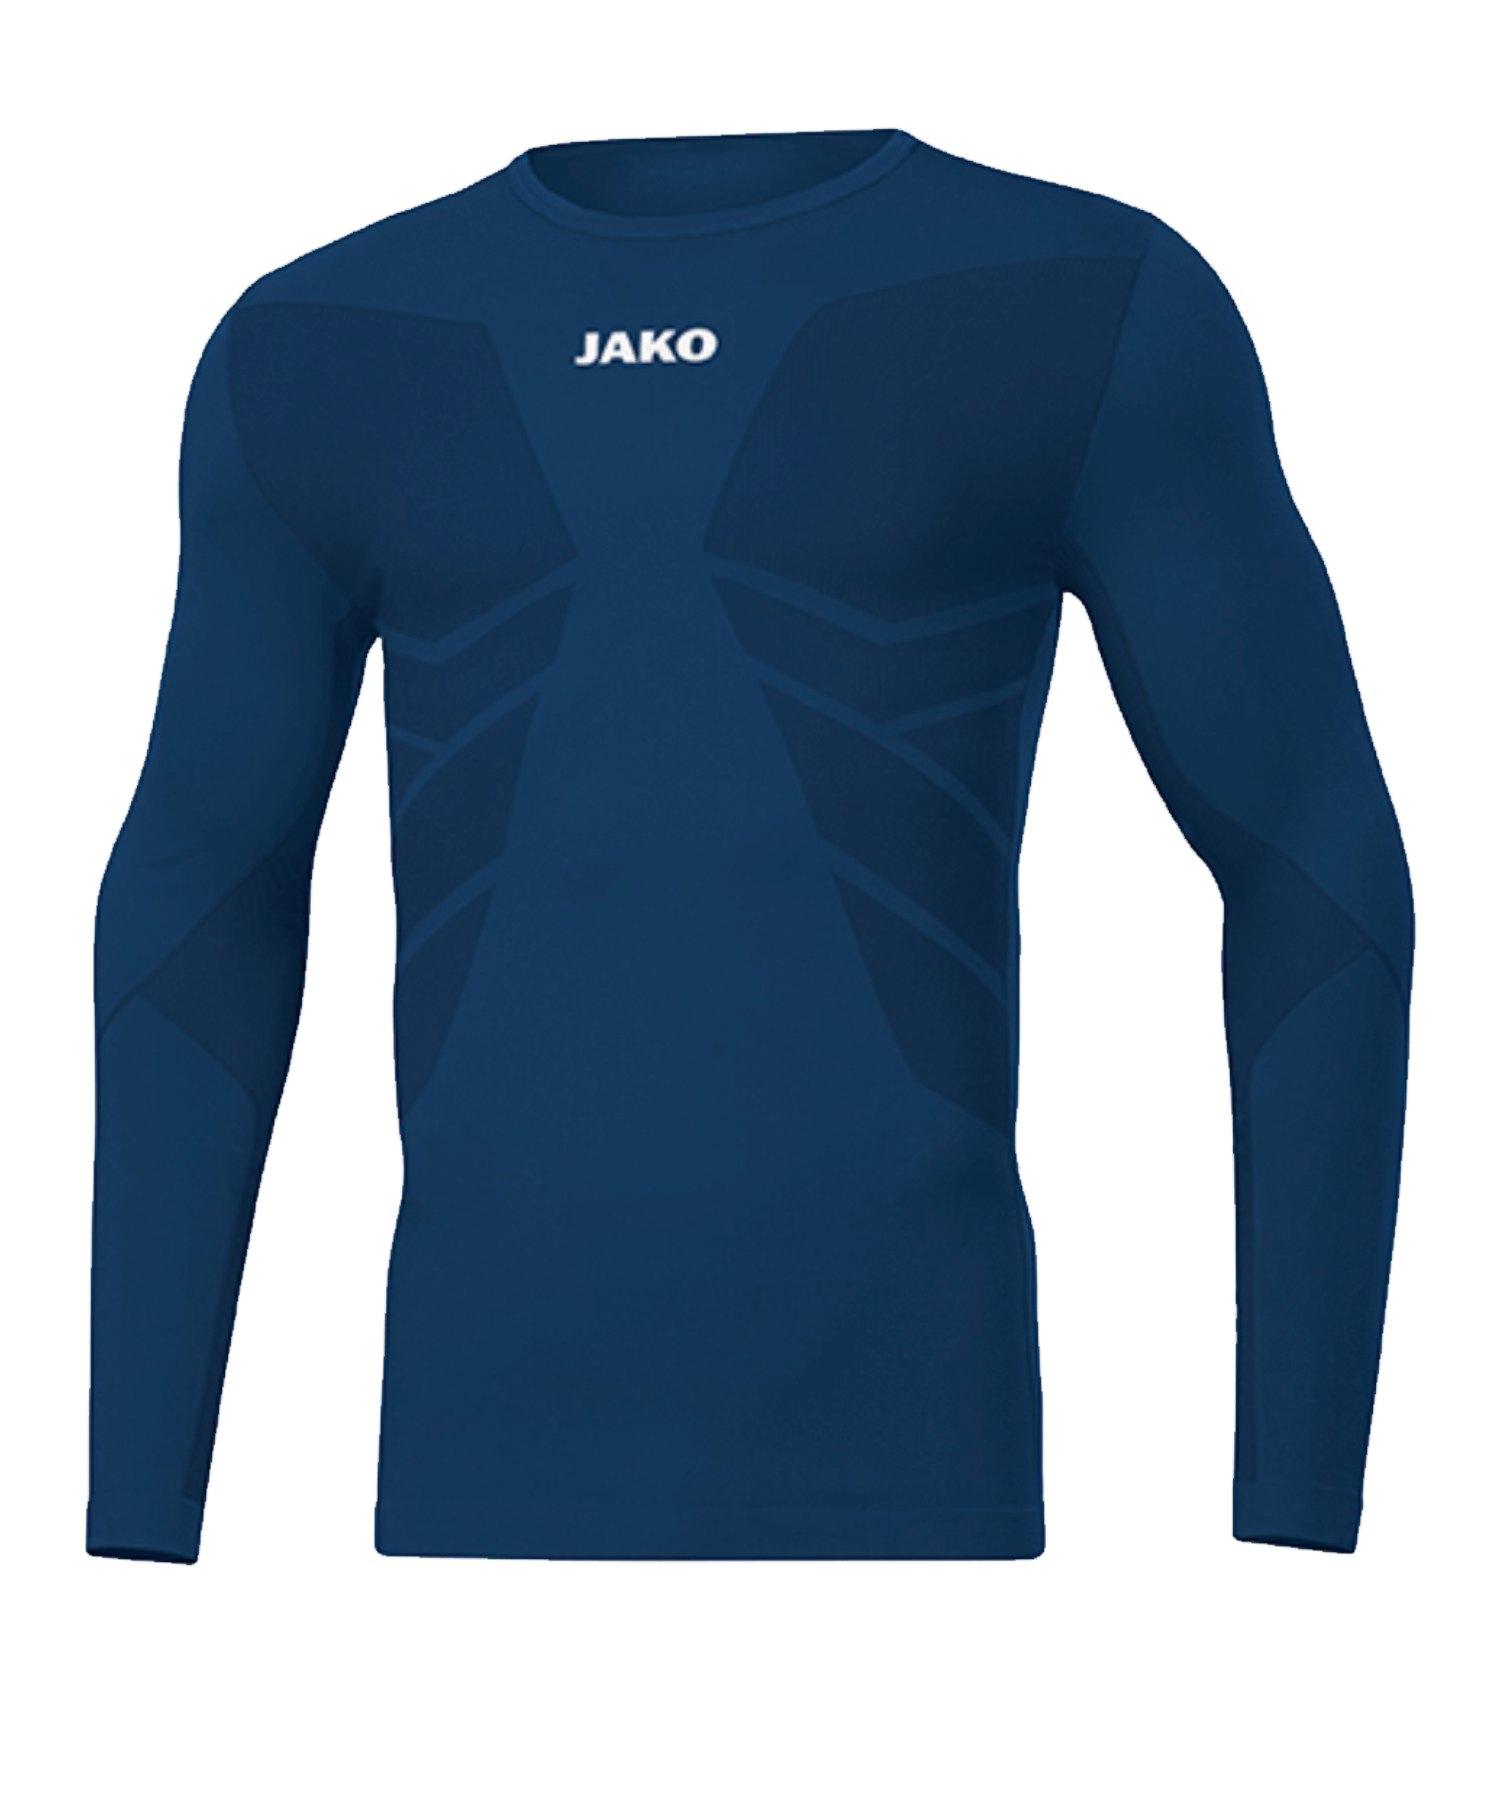 JAKO Comfort 2.0 langarm Kids Blau F09 - blau